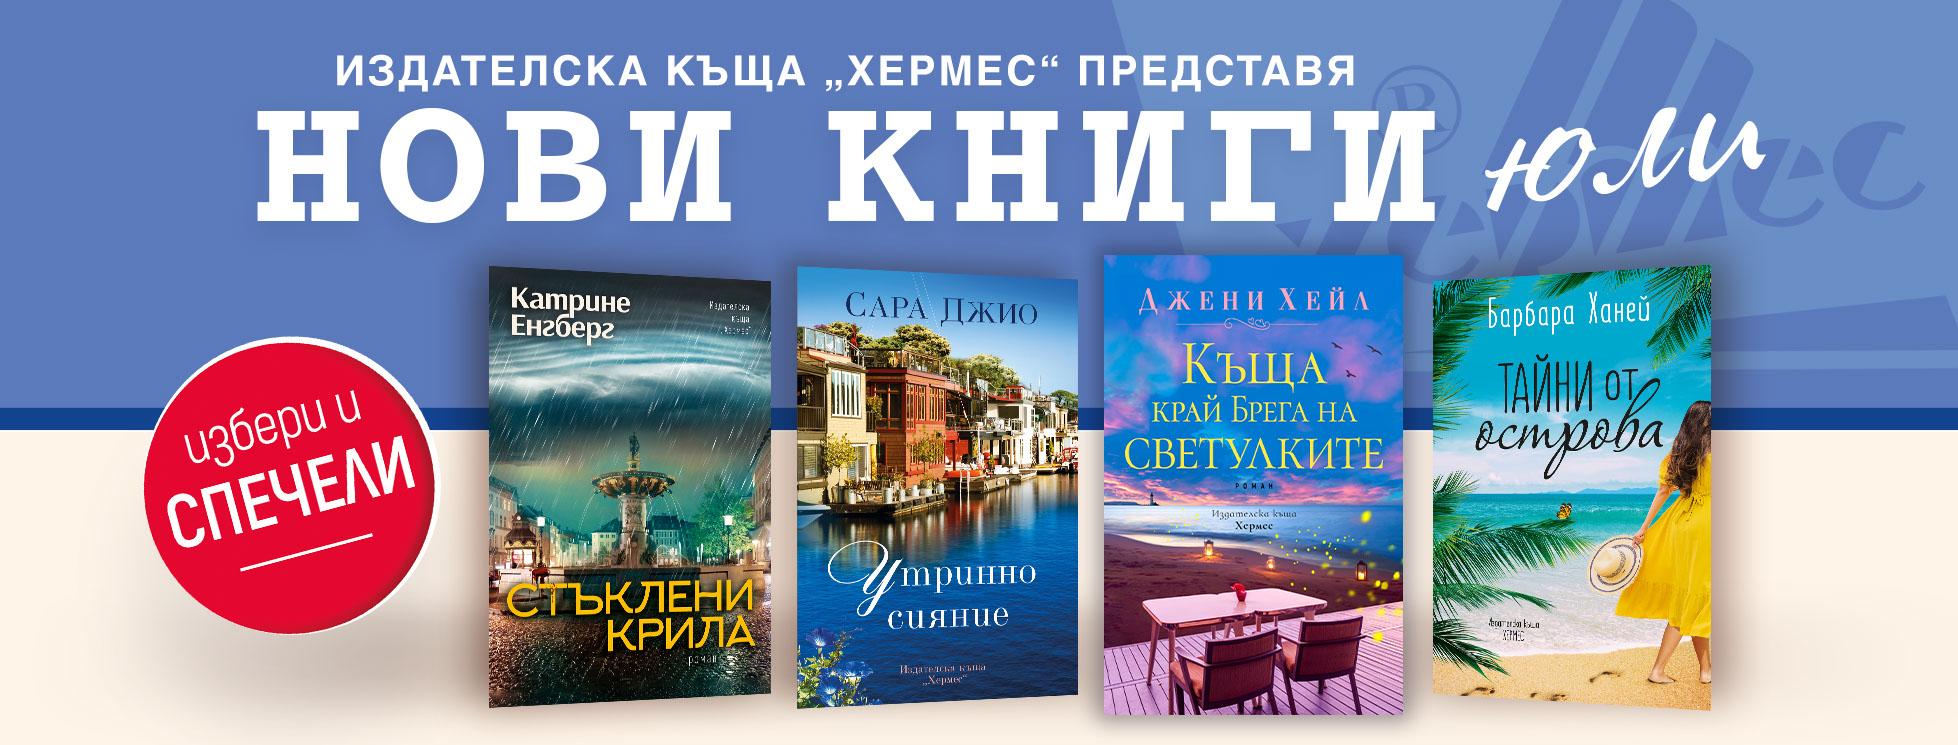 """Условия на играта """"Играй и спечели с книгите от месец юли 2021"""""""